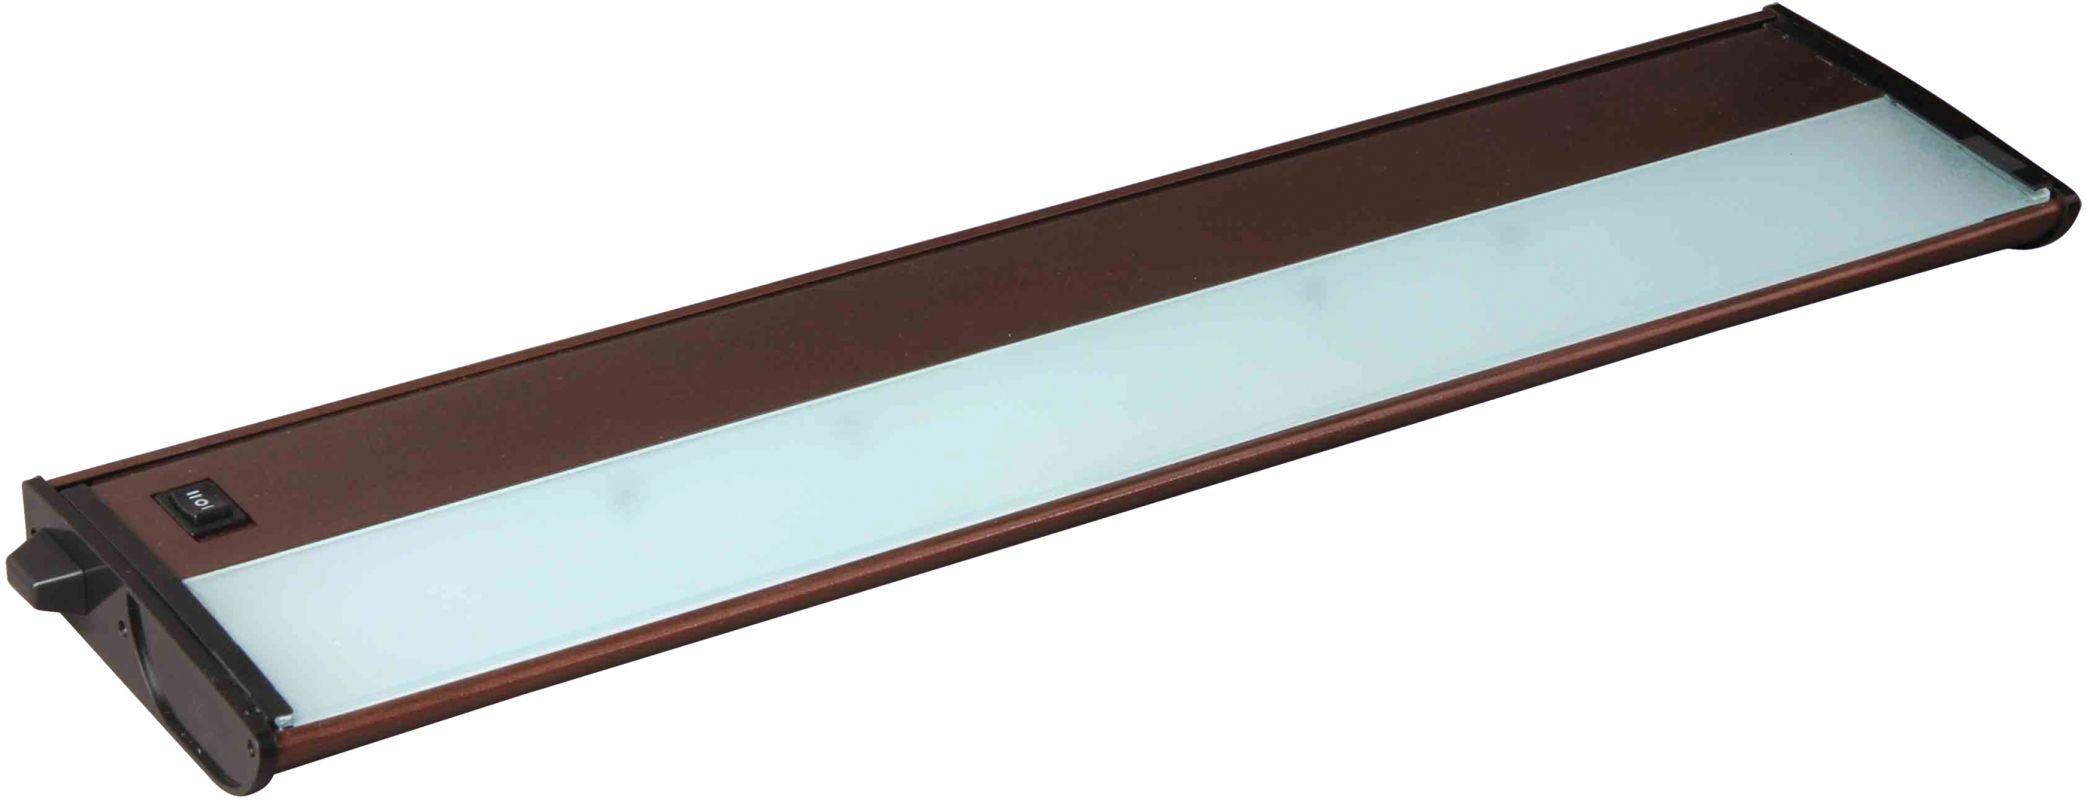 """Maxim 87852 21"""" 3 Light Xenon Starter Kit Under Cabinet Light from the"""